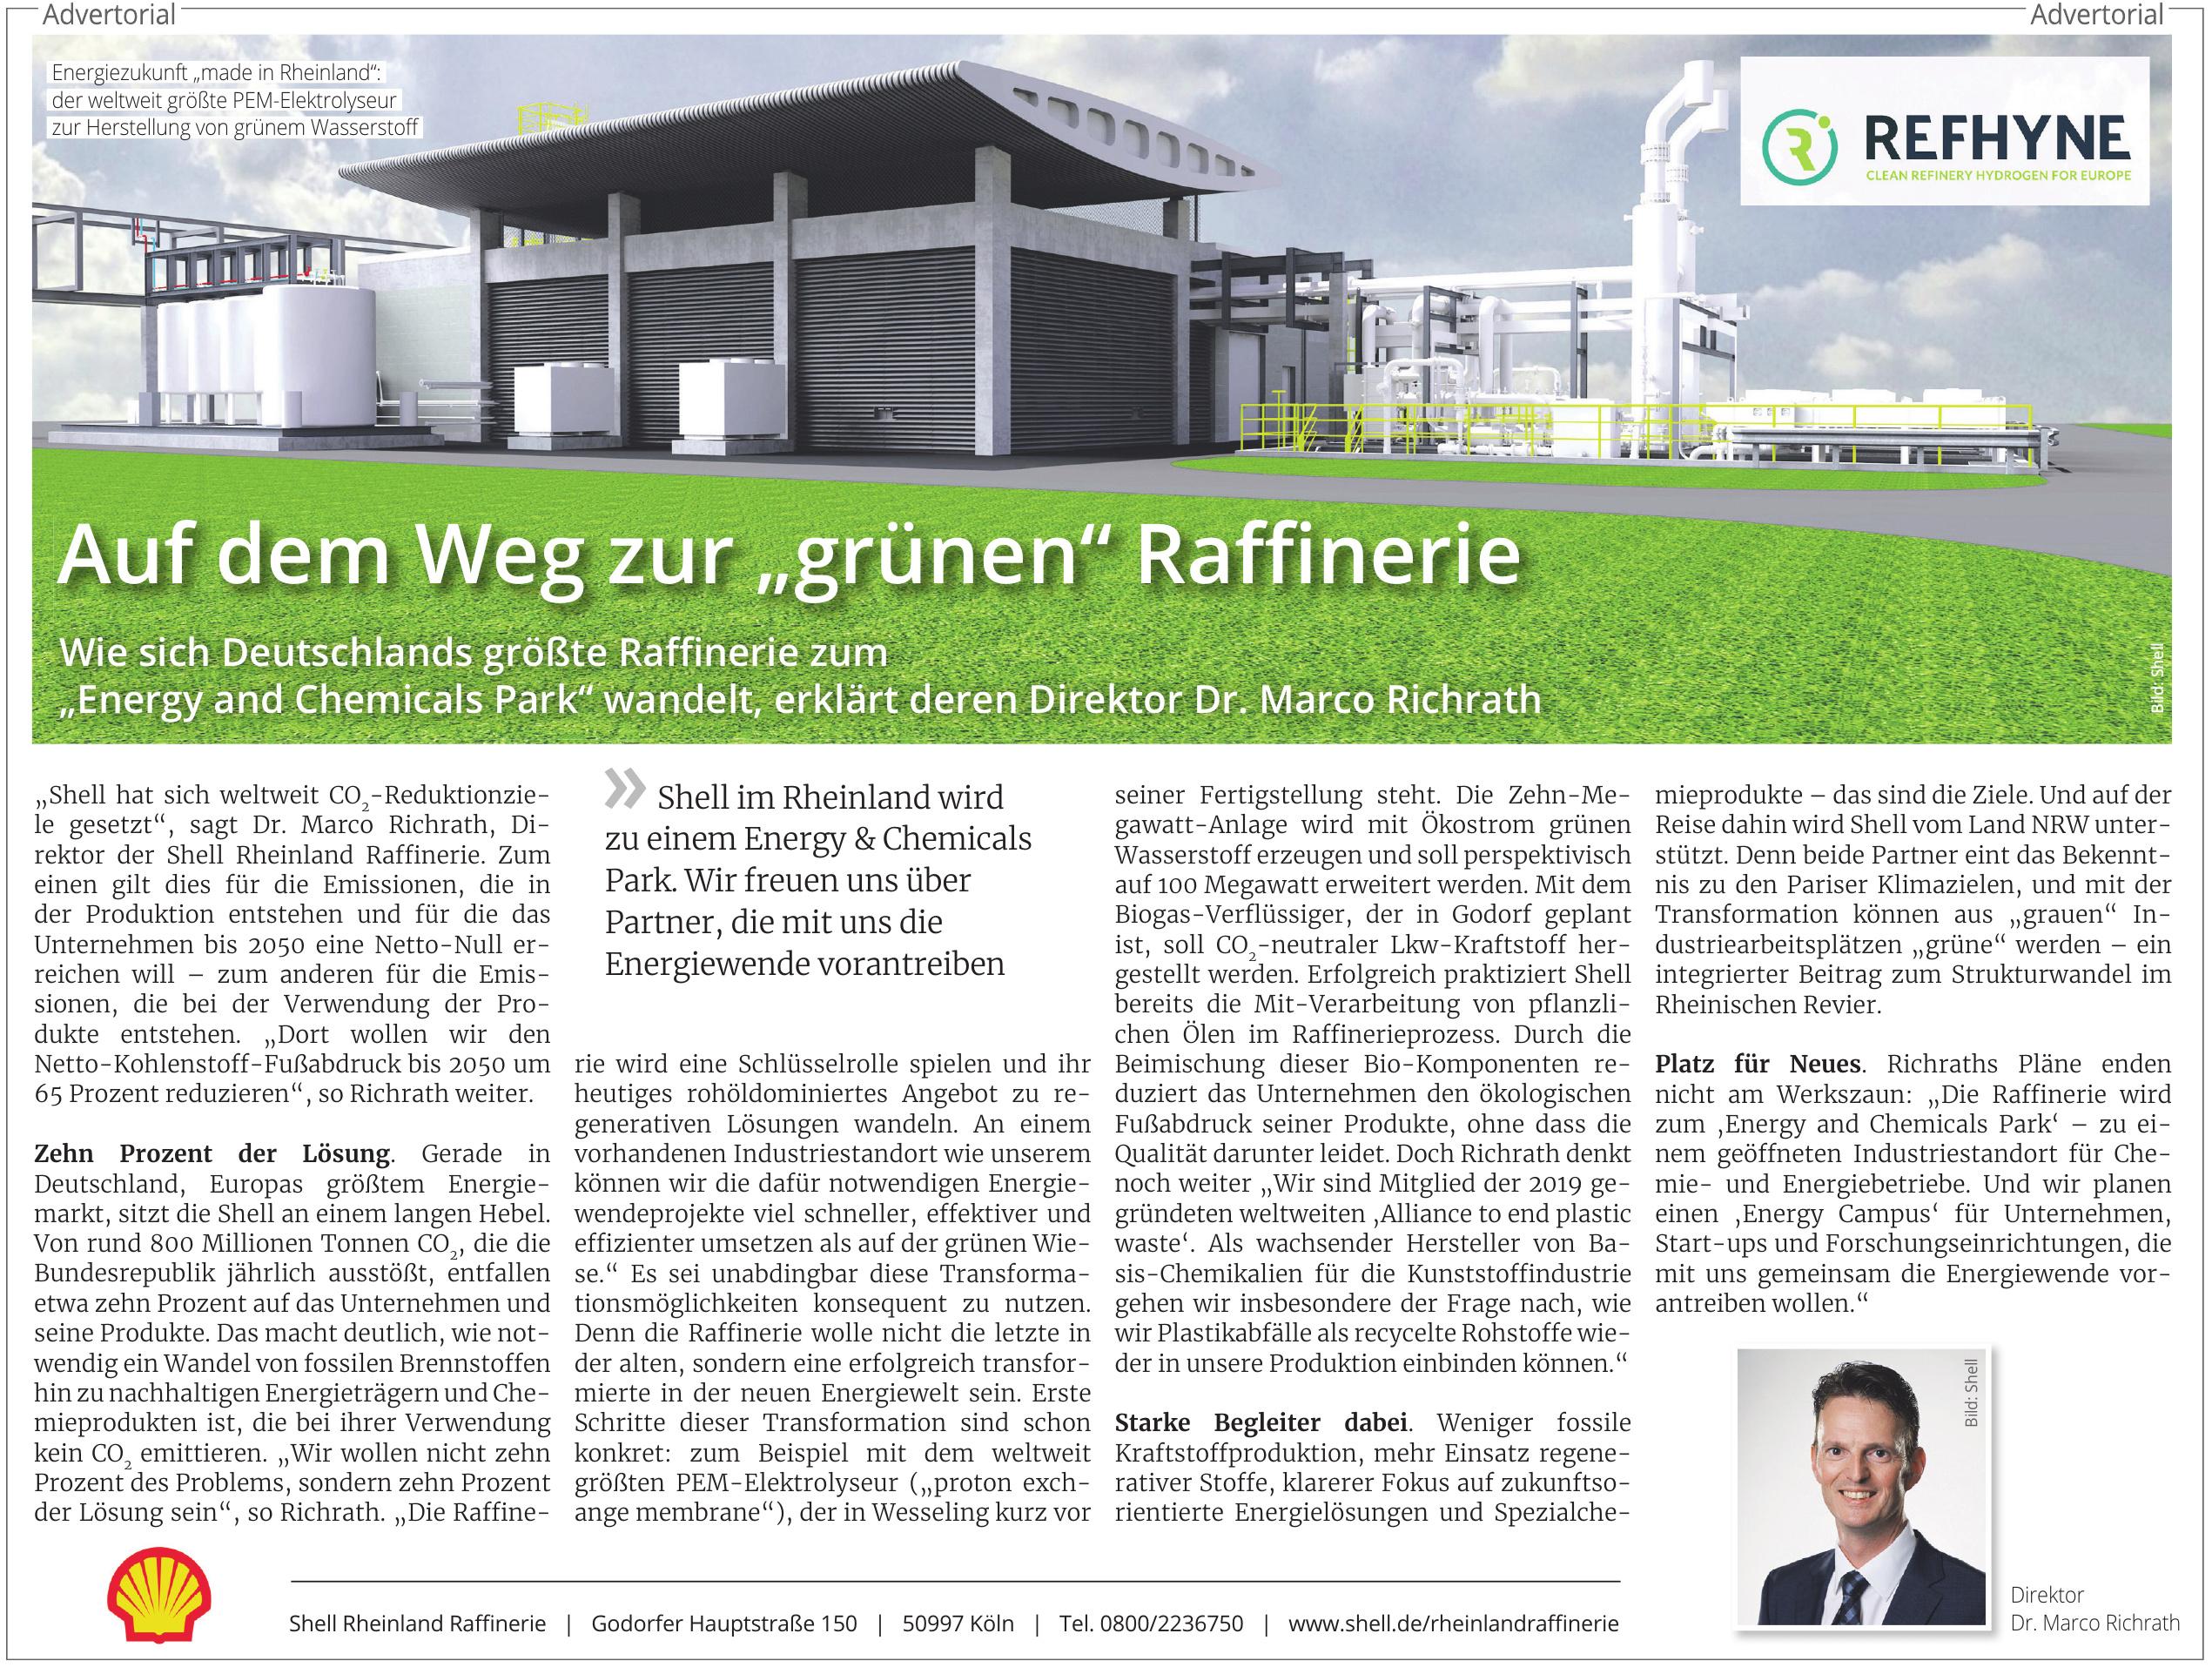 Shell Rheinland Raffinerie